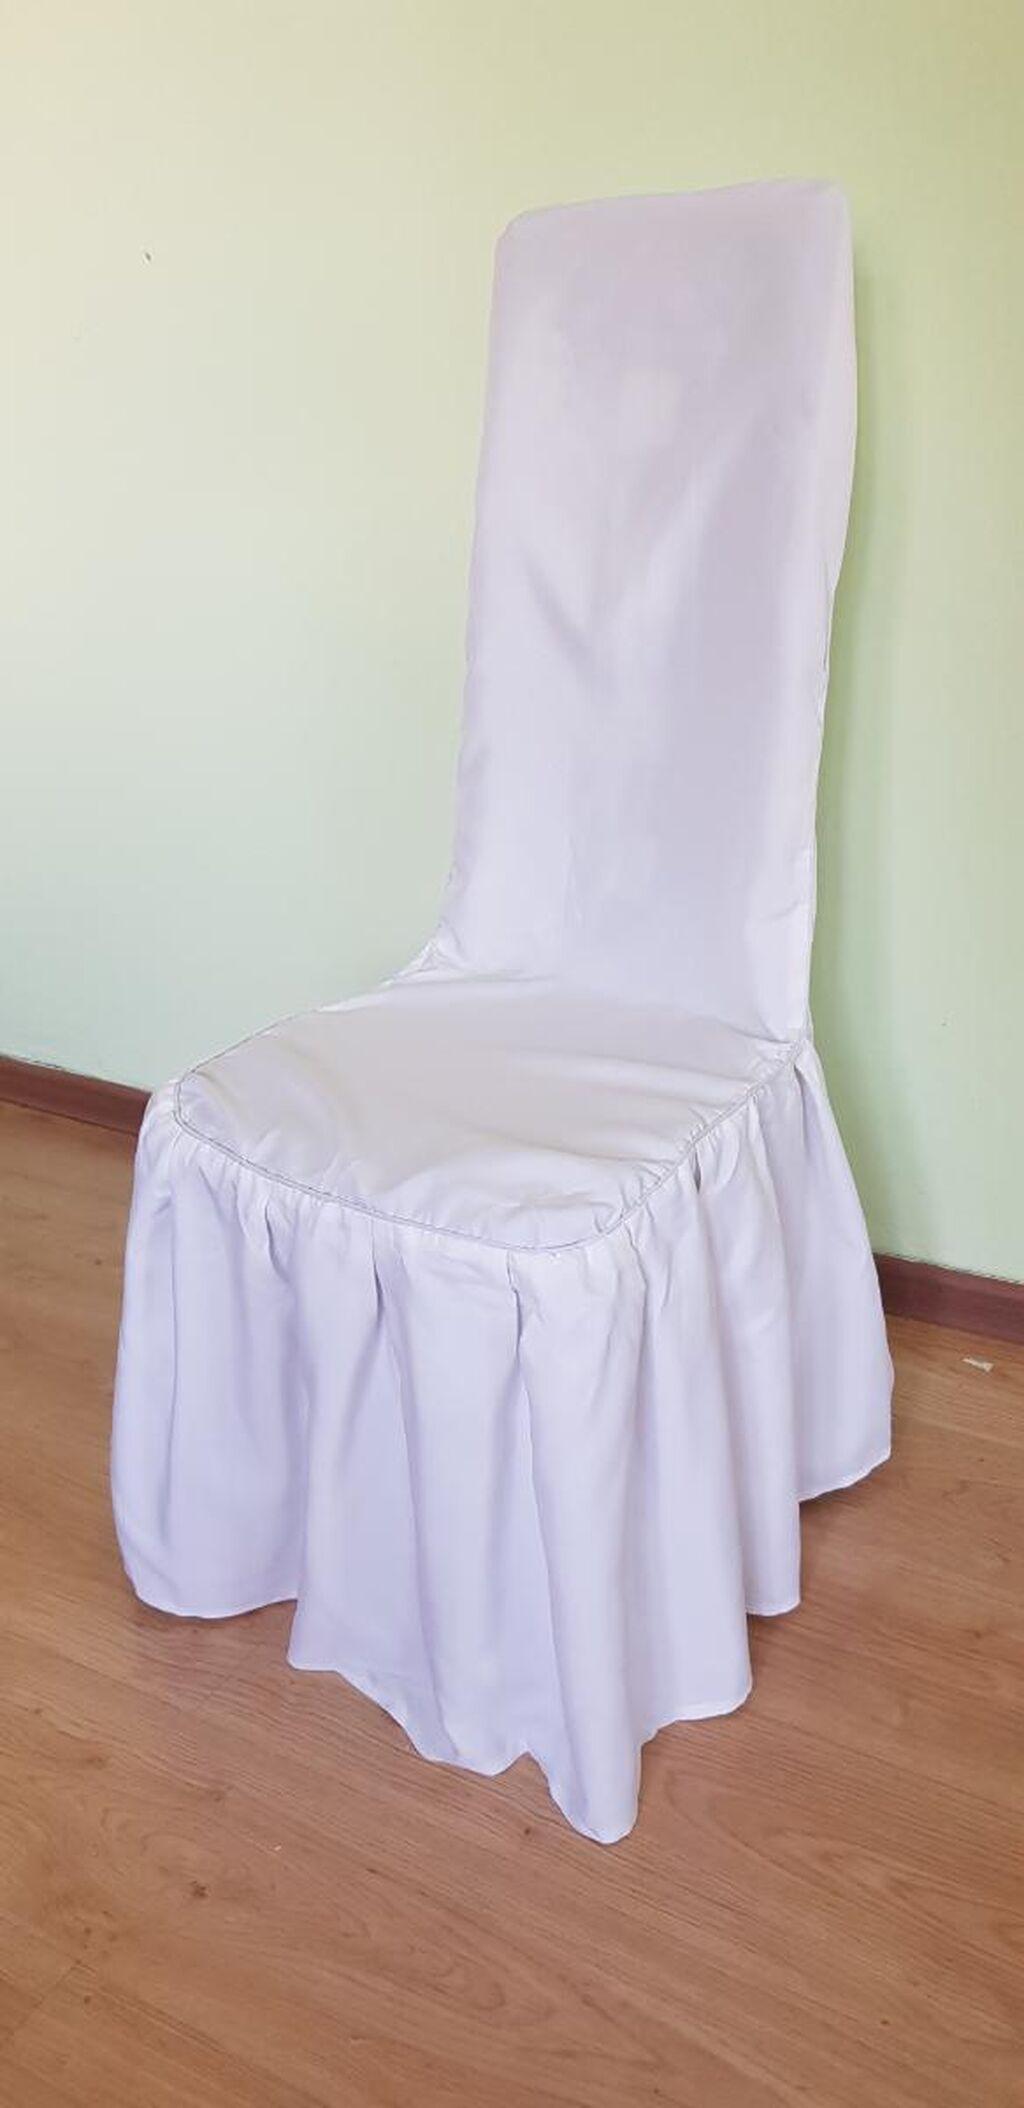 Продается чехол белый для стульев.50 сом за штуку.В наличии где то 150: Продается чехол белый для стульев.50 сом за штуку.В наличии где то 150